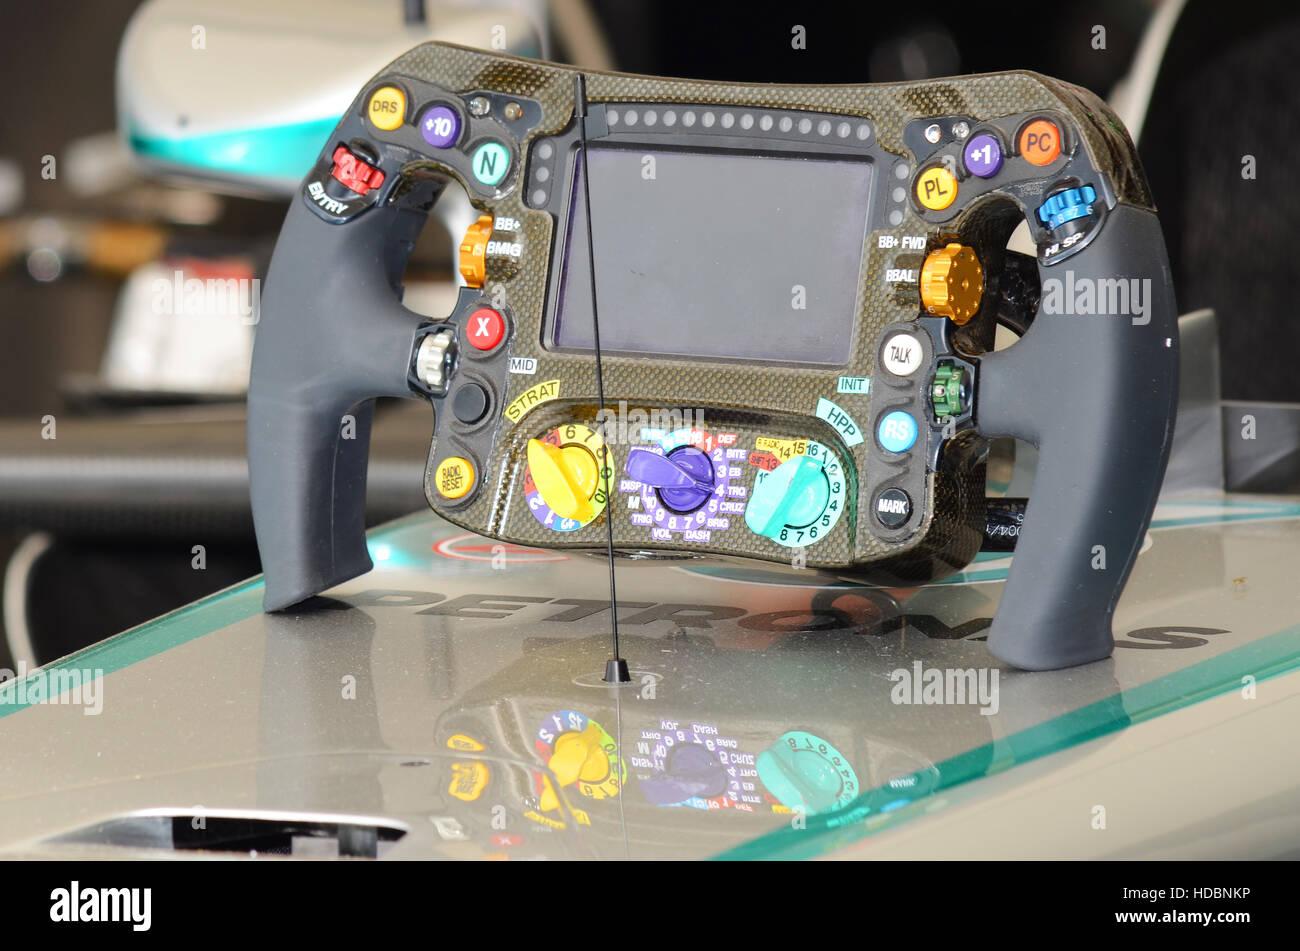 mercedes-benz-f1-w05-hybrid-formula-1-car-steering-wheel-with-switch-HDBNKP.jpg